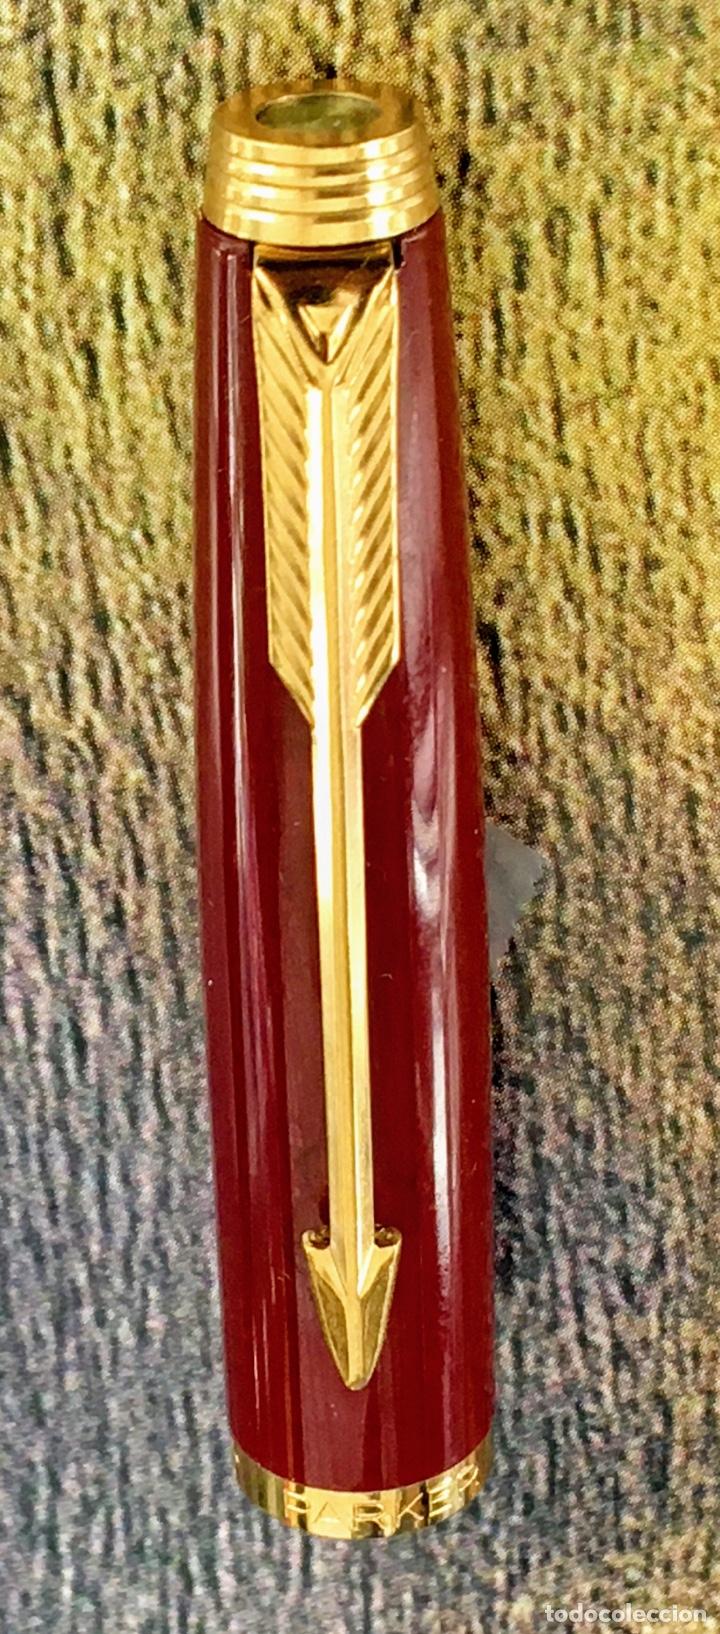 Plumas estilográficas antiguas: PARKER 75 LACADA 1975'S FRANCE - Foto 7 - 253414700